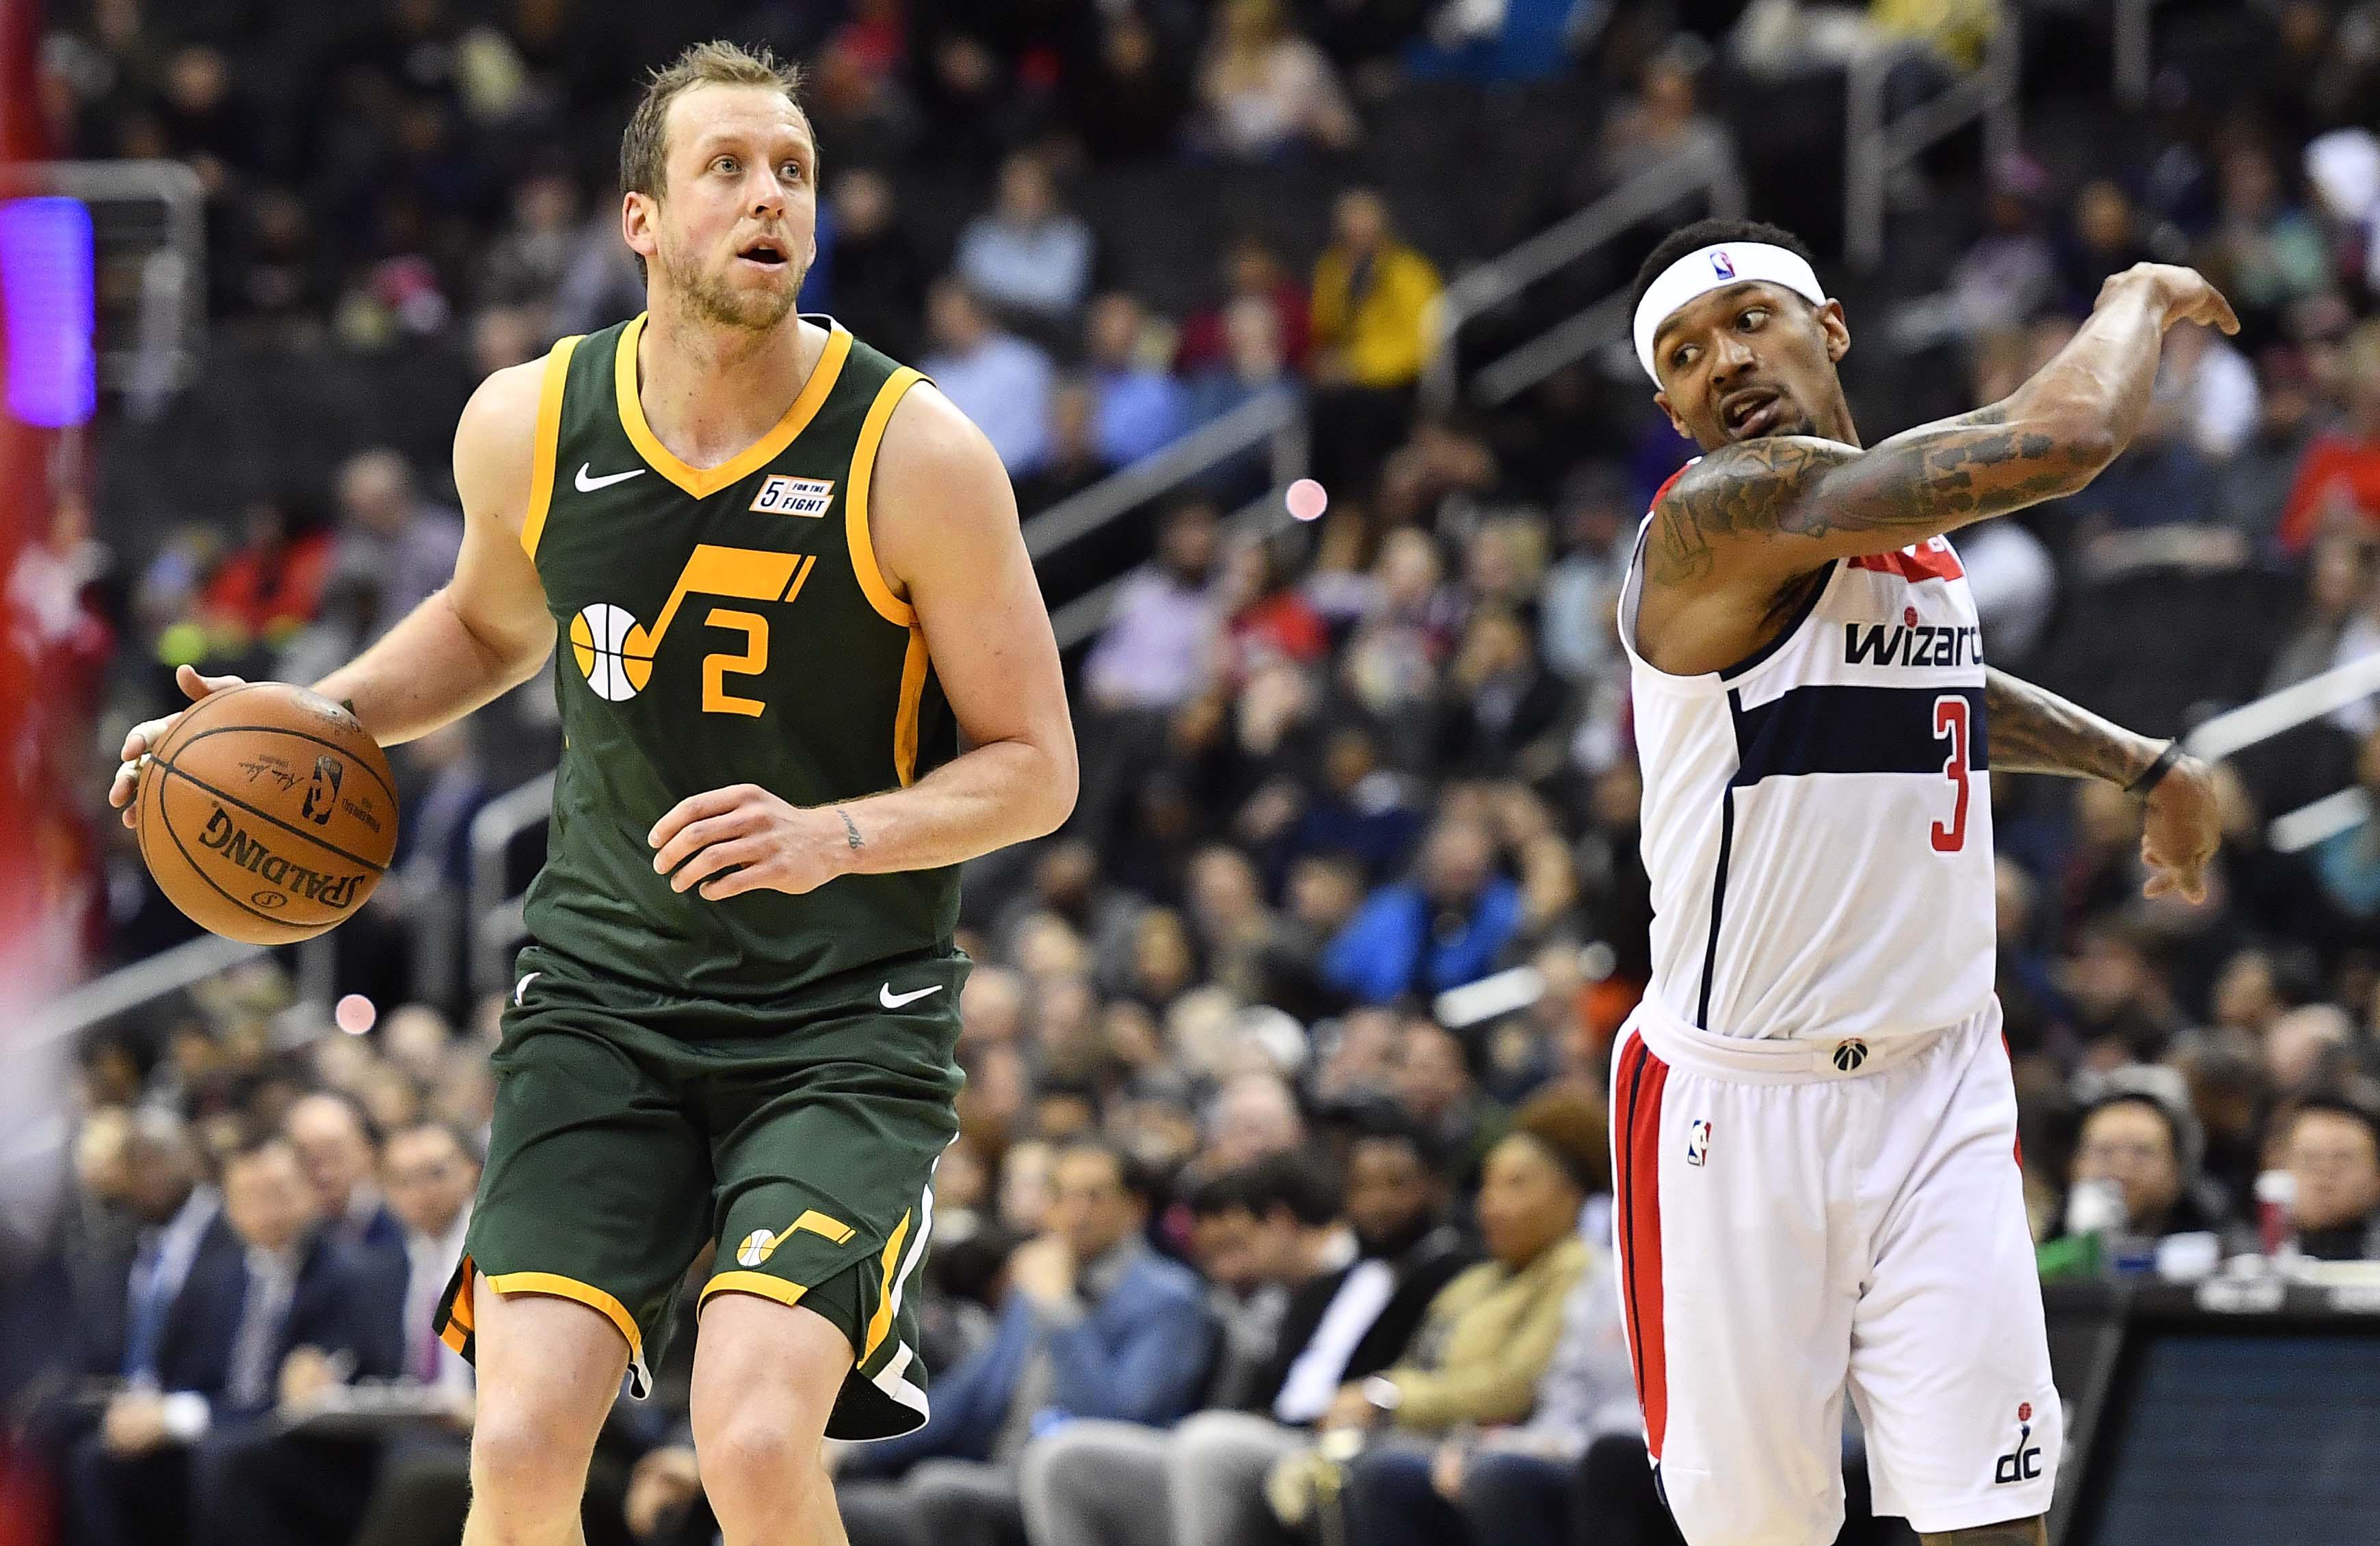 NBA: Utah Jazz at Washington Wizards